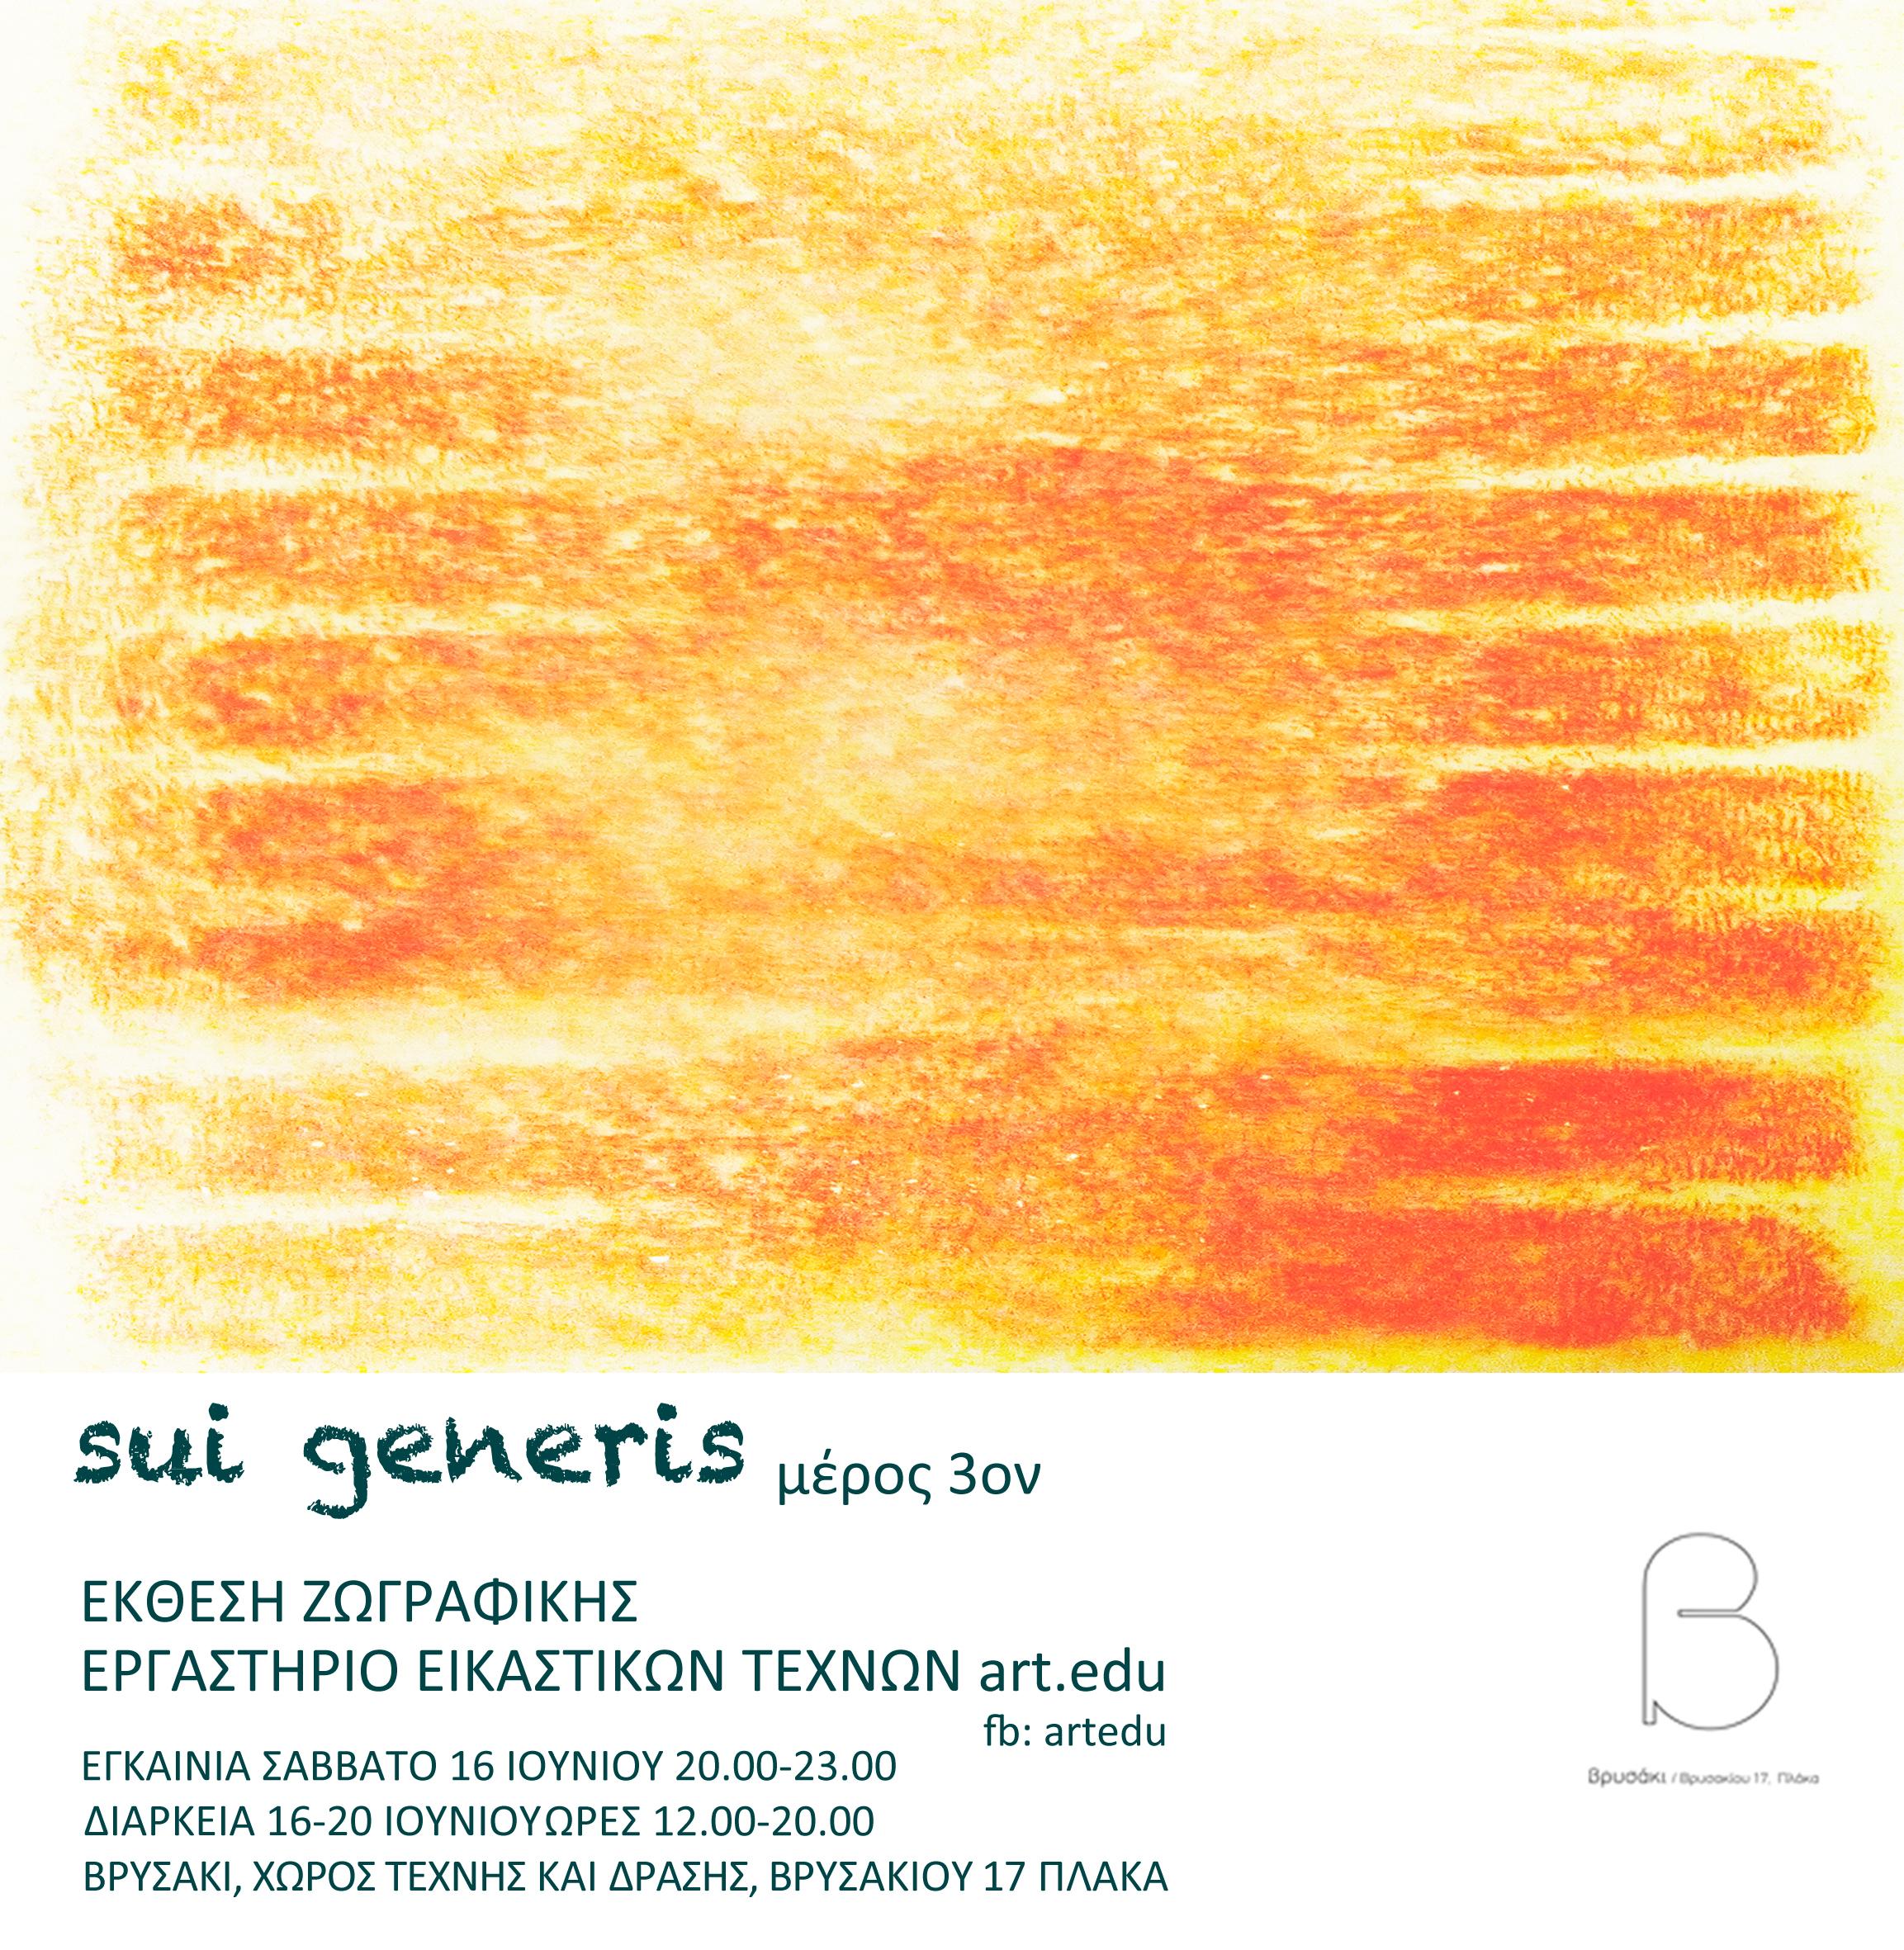 [:el]Sui generis-μέρος 3ον[:en]Sui generis-part 3 [:]